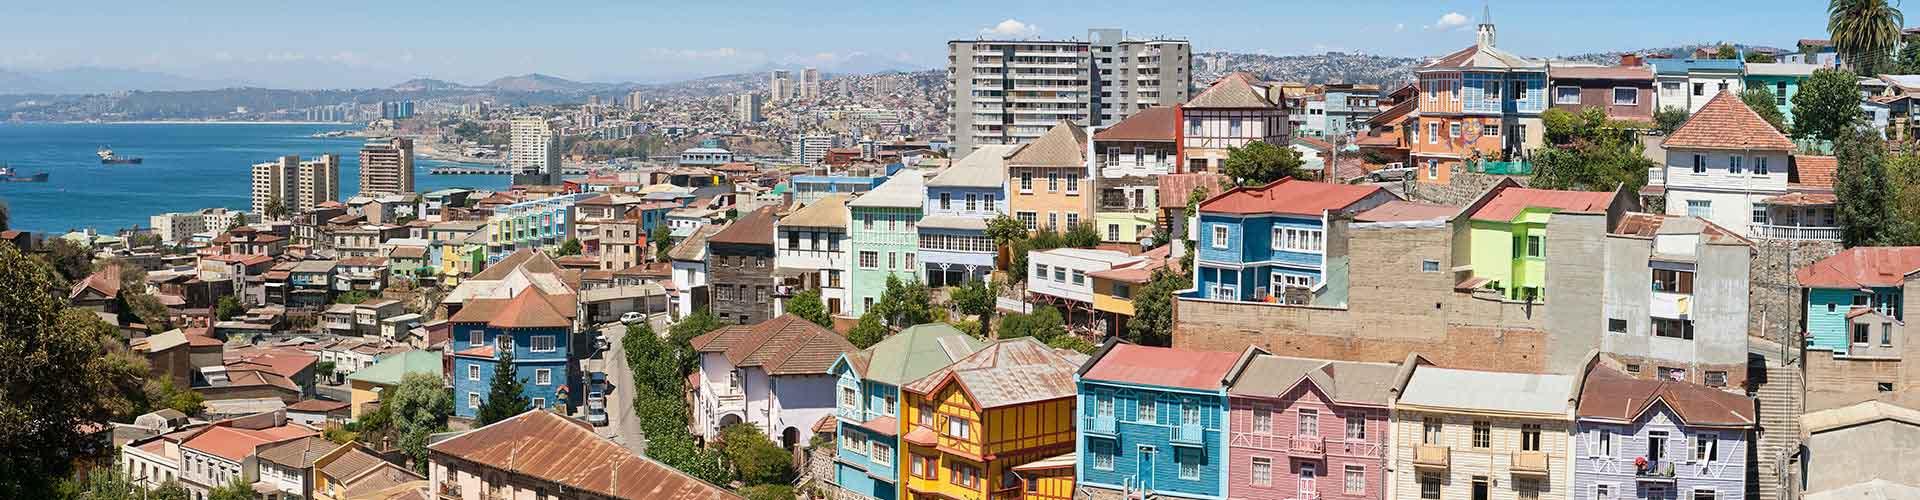 Valparaiso – Hostellit kohteessa Valparaiso. Valparaiso -karttoja, valokuvia ja arvosteluja kaikista Valparaiso -hostelleista.